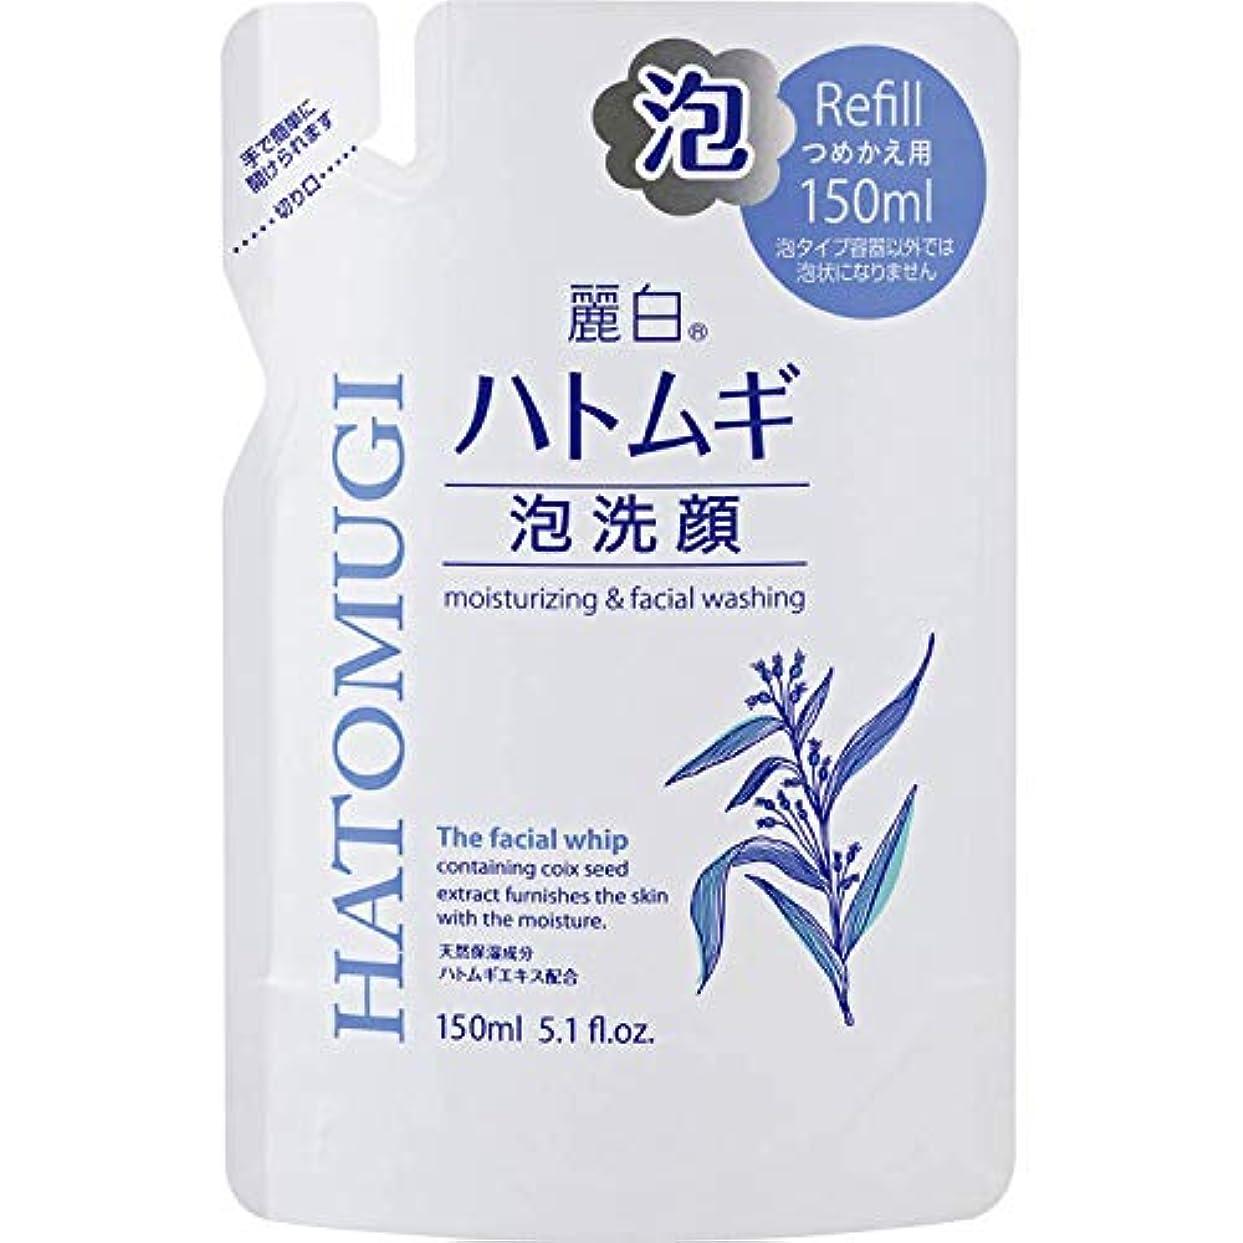 クロス虹スキニー麗白 ハトムギ 泡洗顔 詰替用 150mL